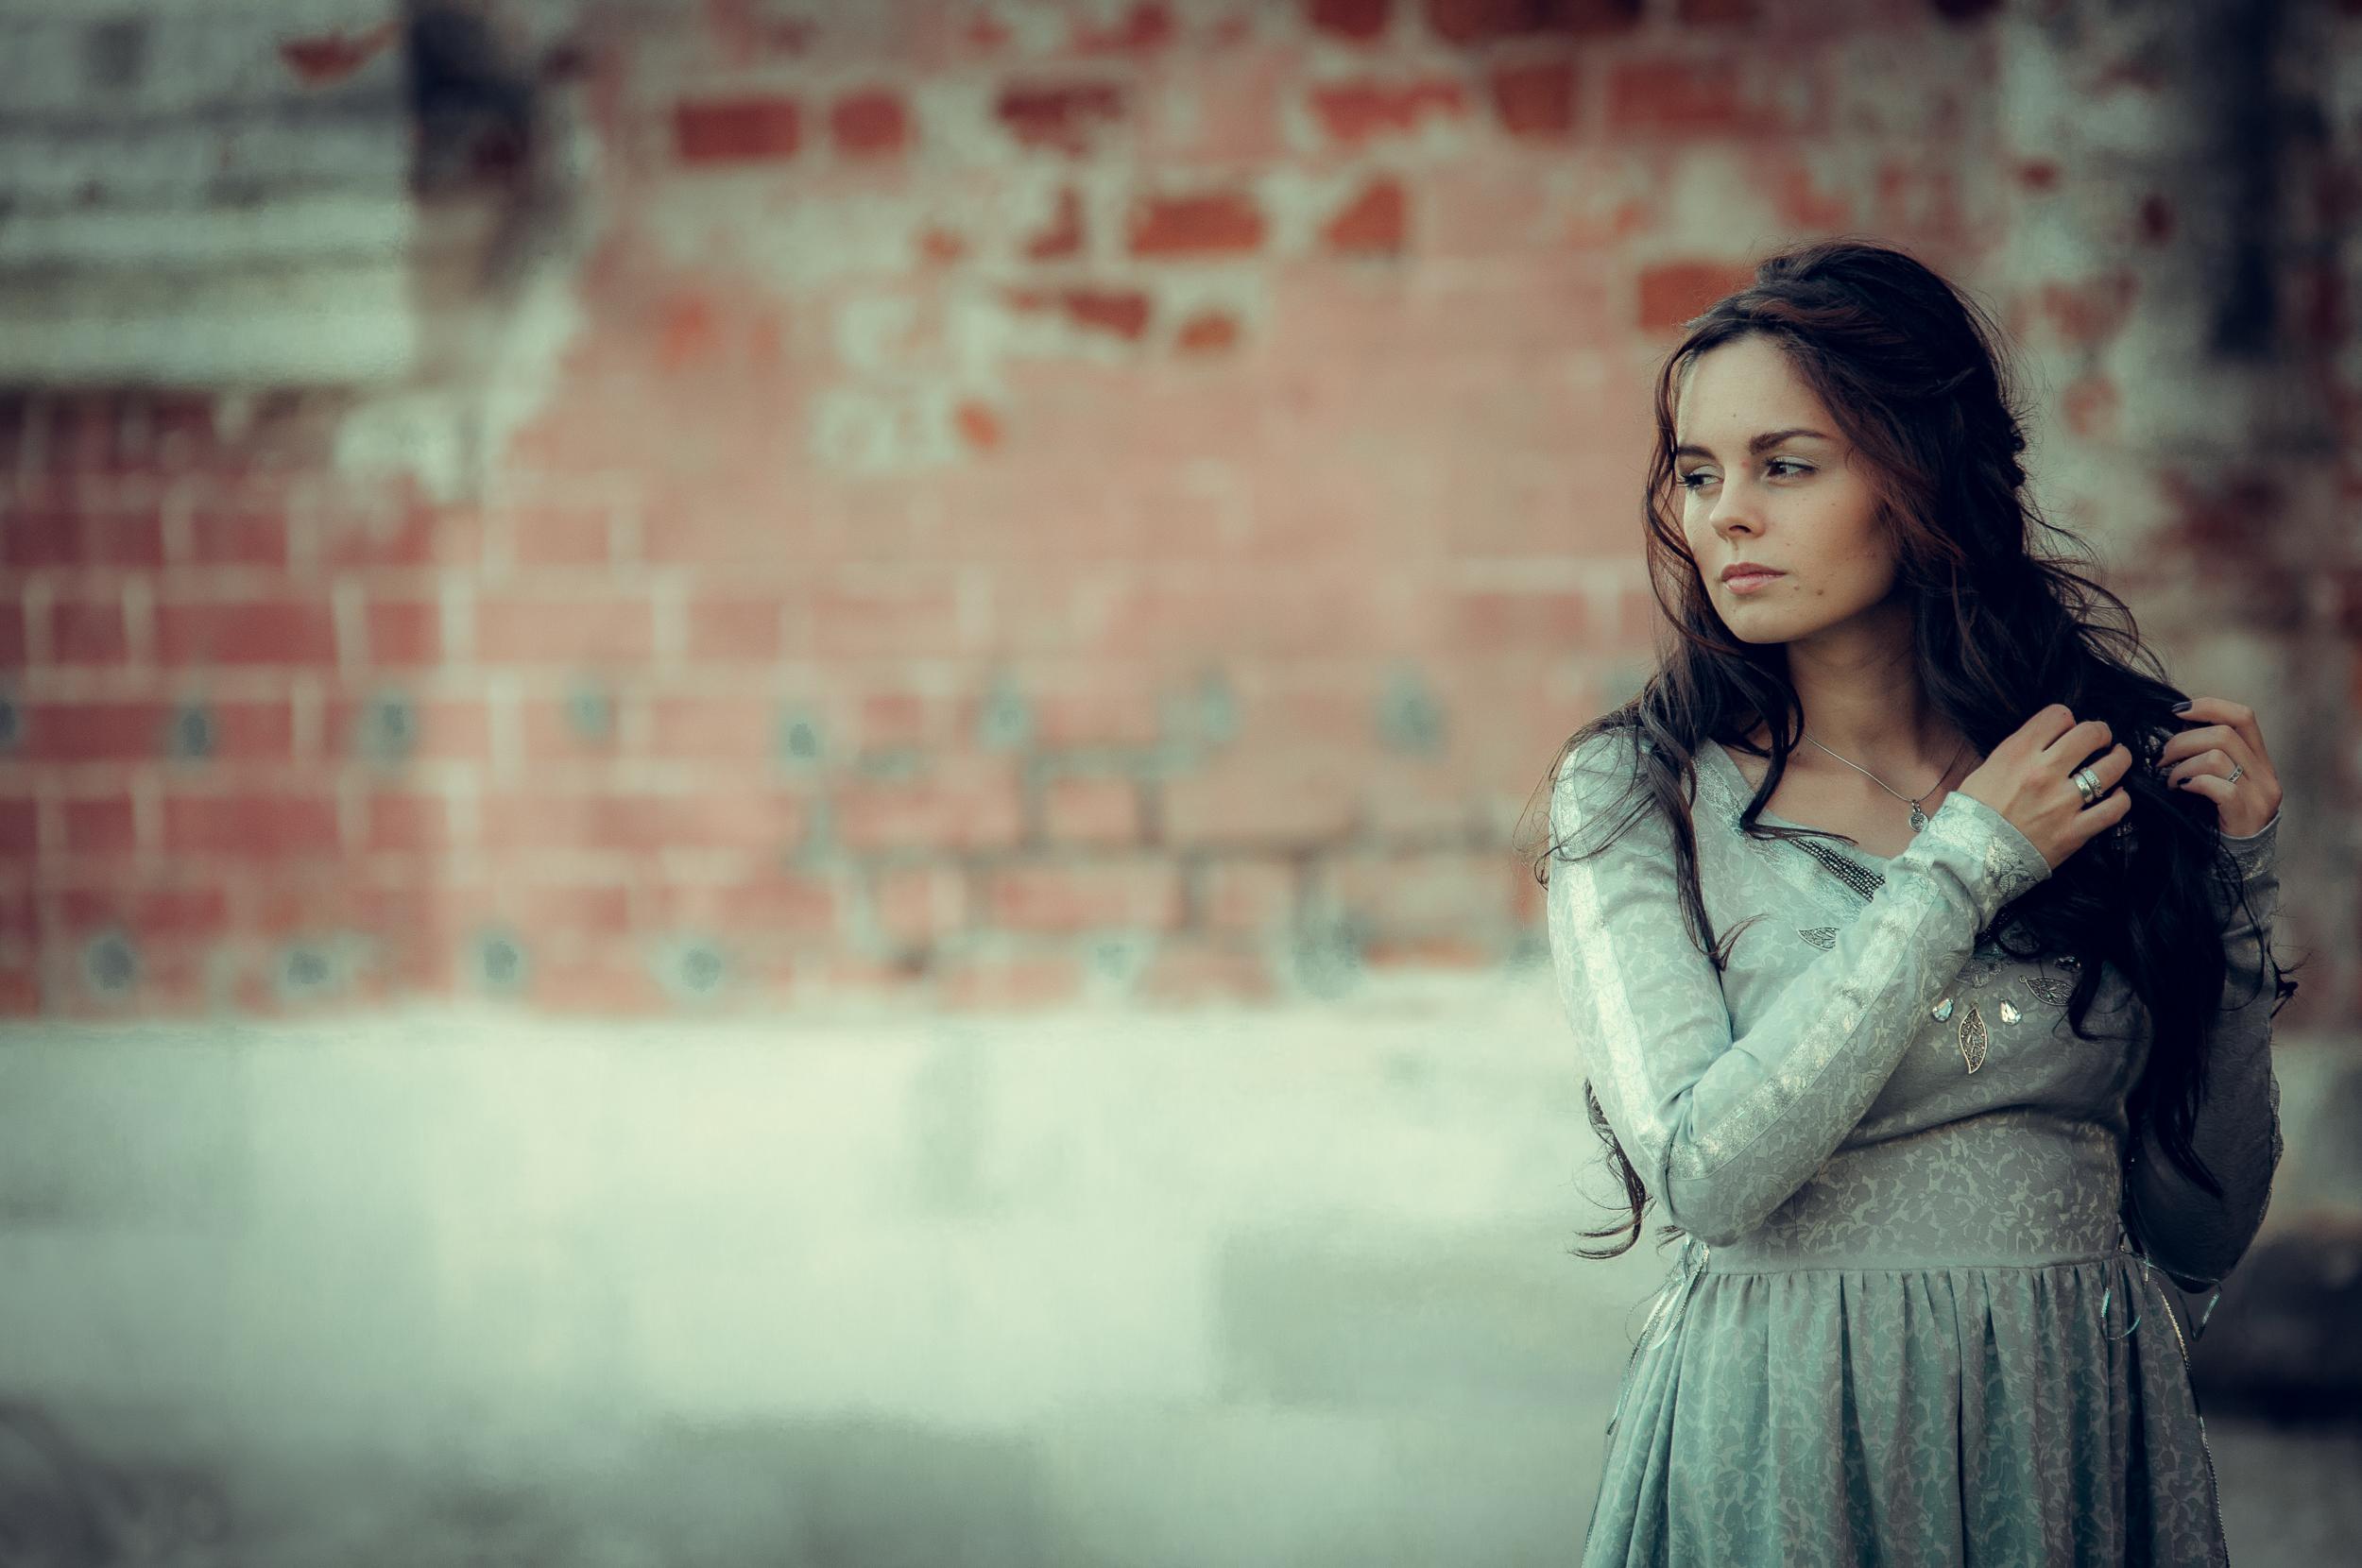 Красивые фотографии девушек